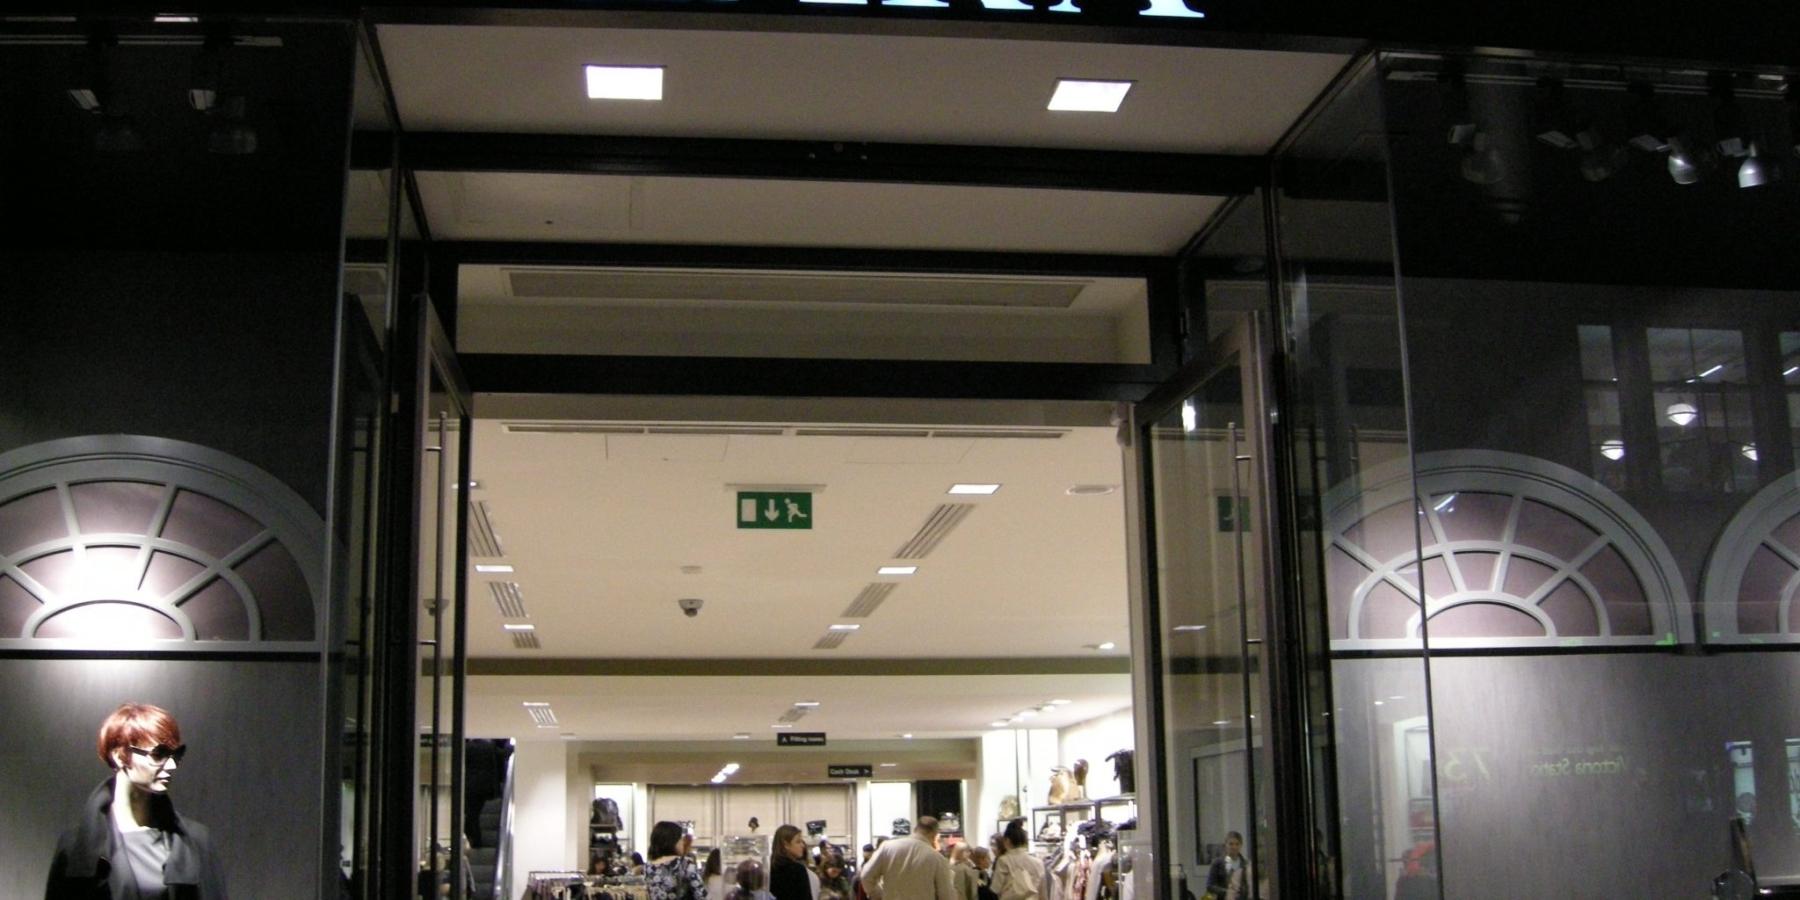 Prasówka e-commerce #23 Zara pomoże Ci znaleźć odpowiedni rozmiar